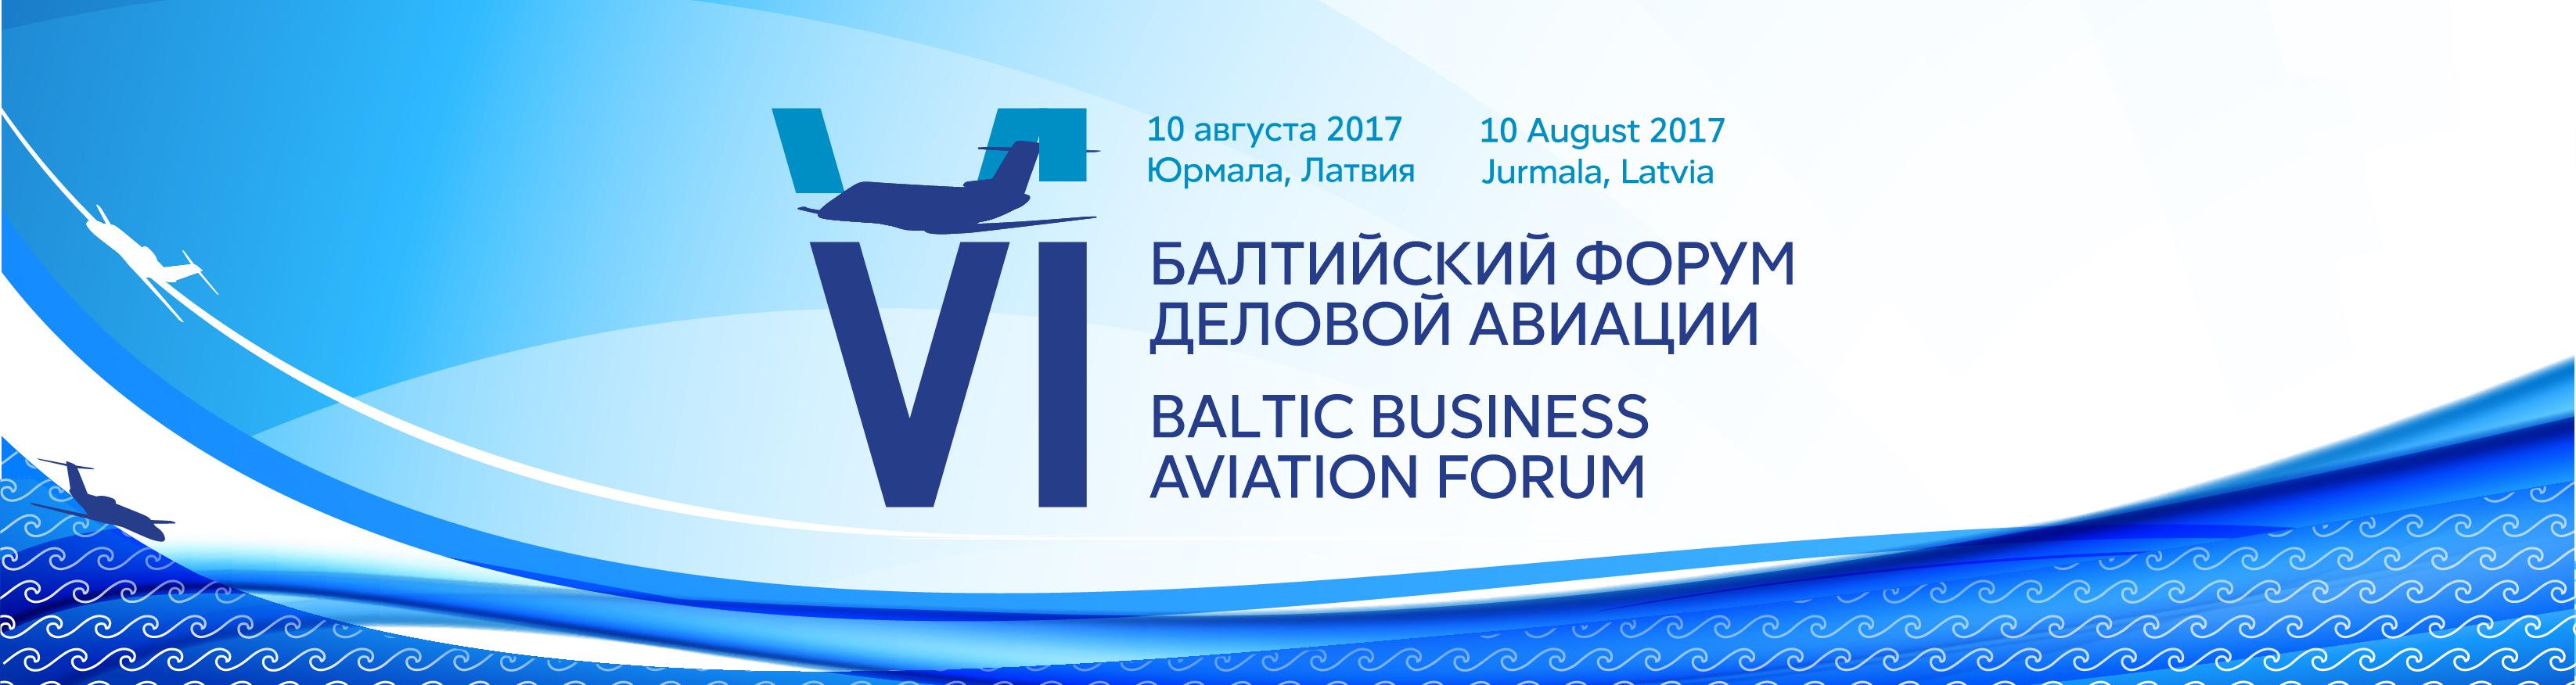 В августе текущего года пройдет VI Балтийский форум деловой авиации